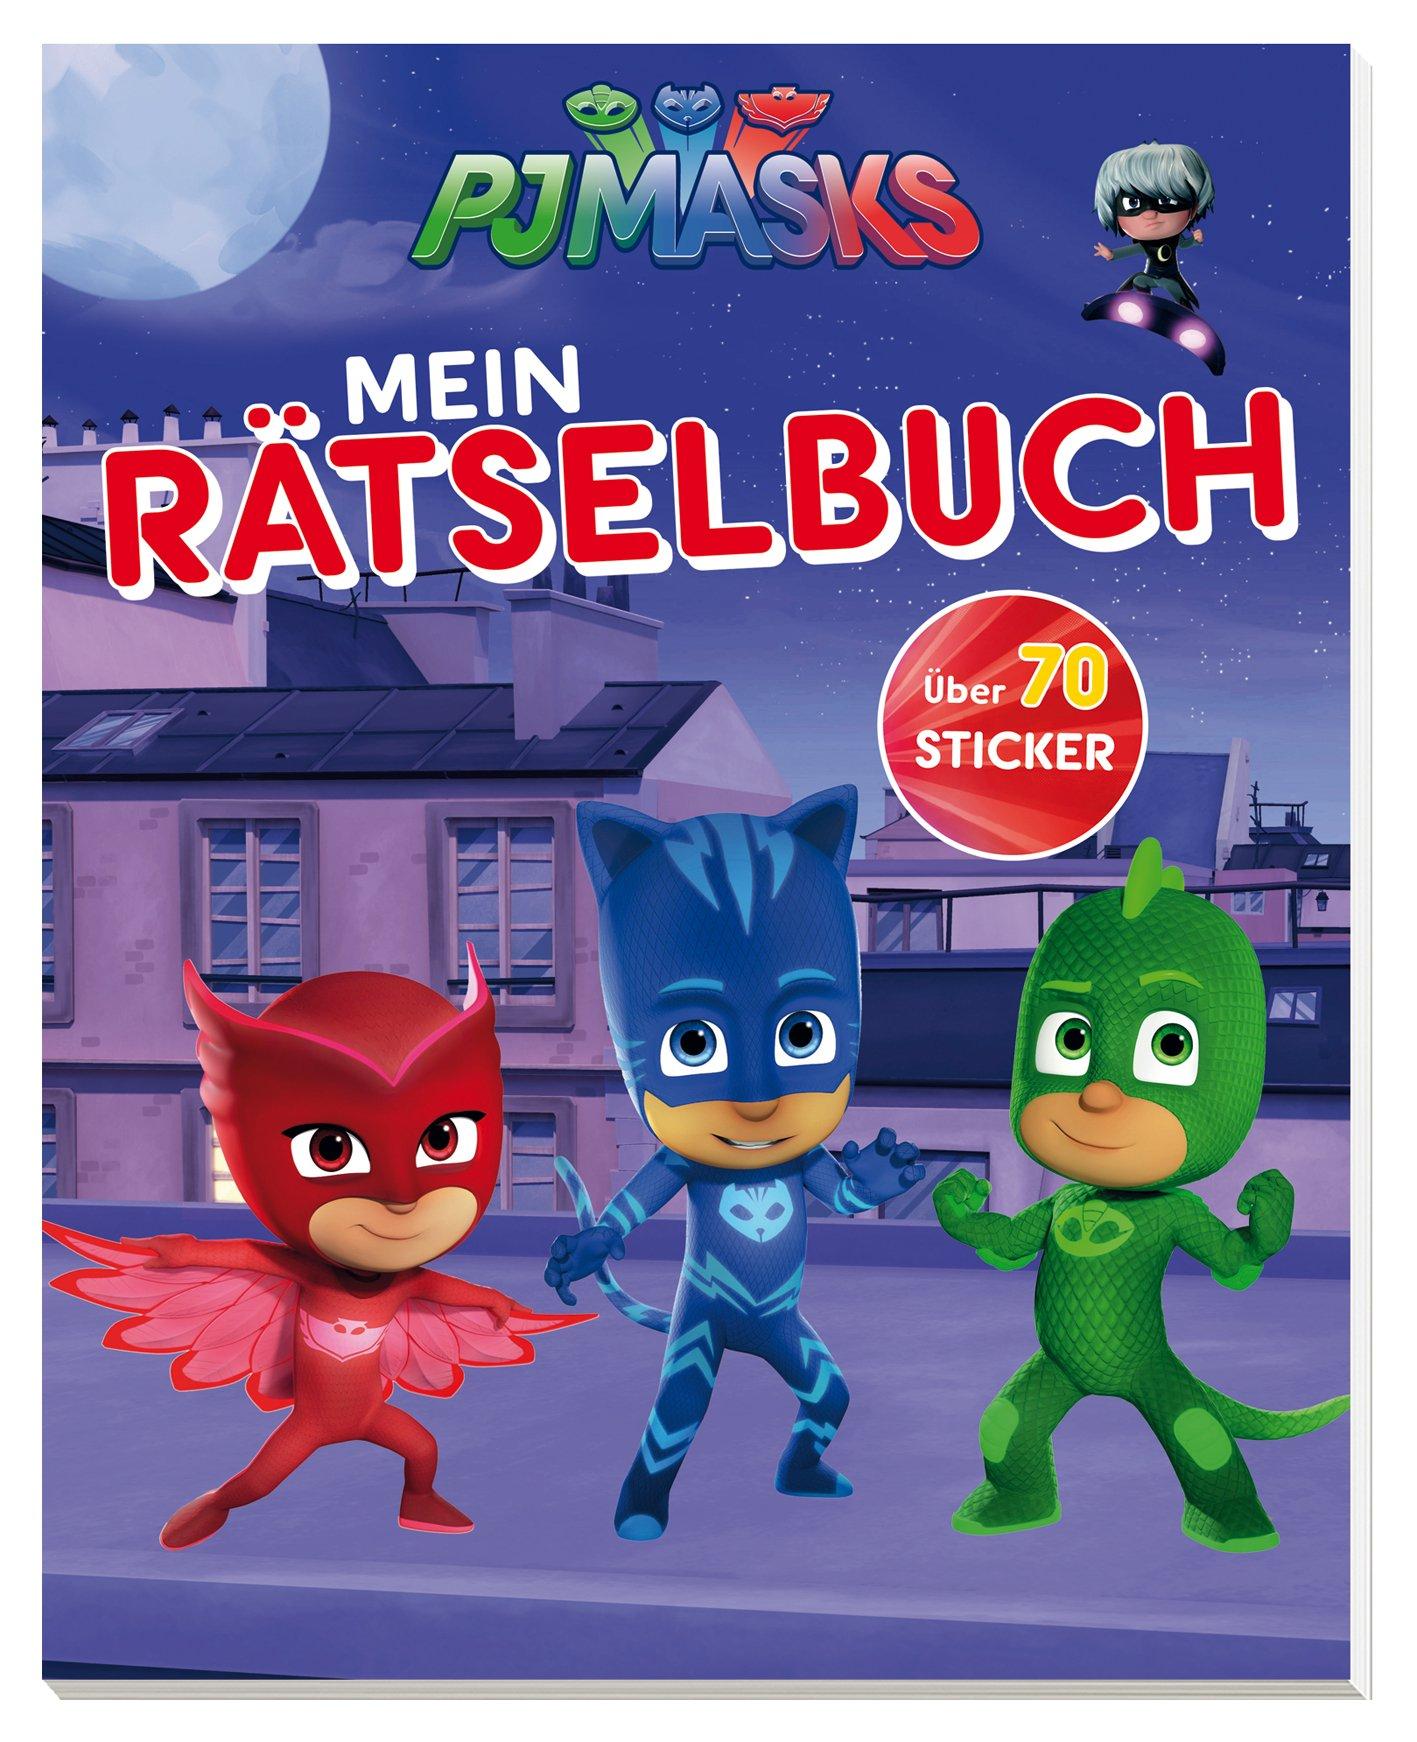 PJ Masks Mein Rätselbuch: Mit über 70 coolen Stickern Taschenbuch – 1. Februar 2018 Delphin 3961282307 empfohlenes Alter: ab 4 Jahre Comic / Superhelden